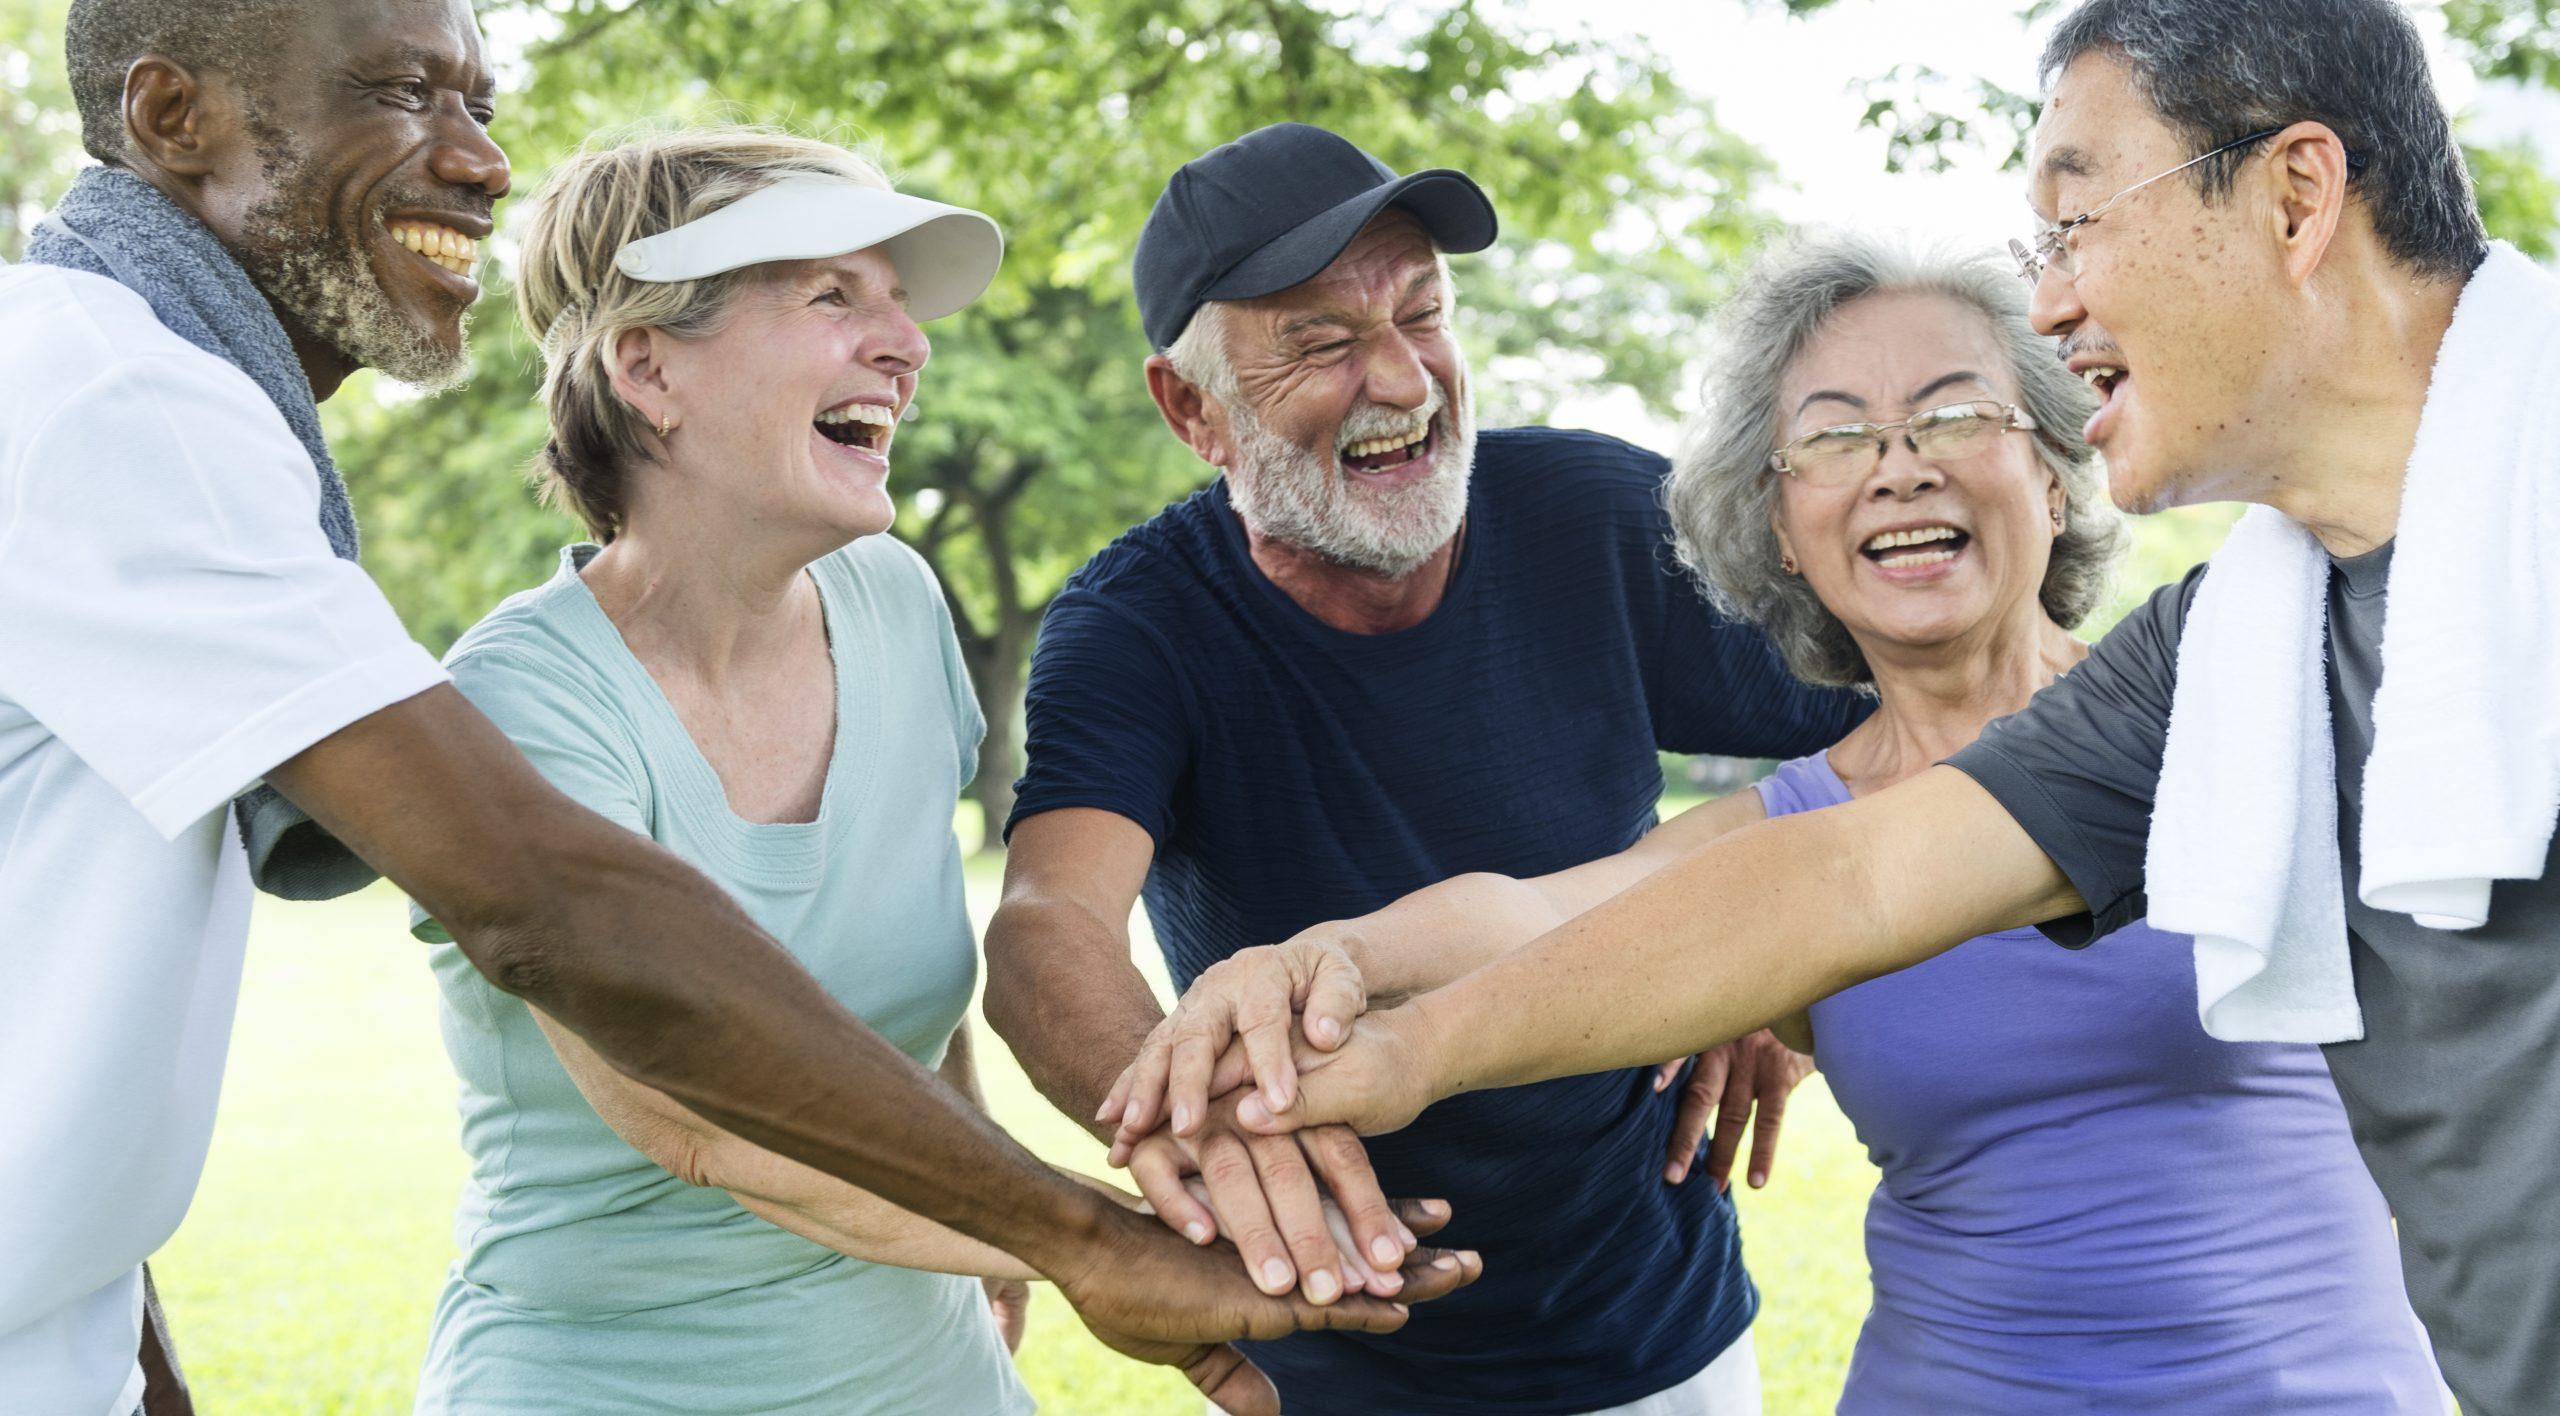 Older people exercising together